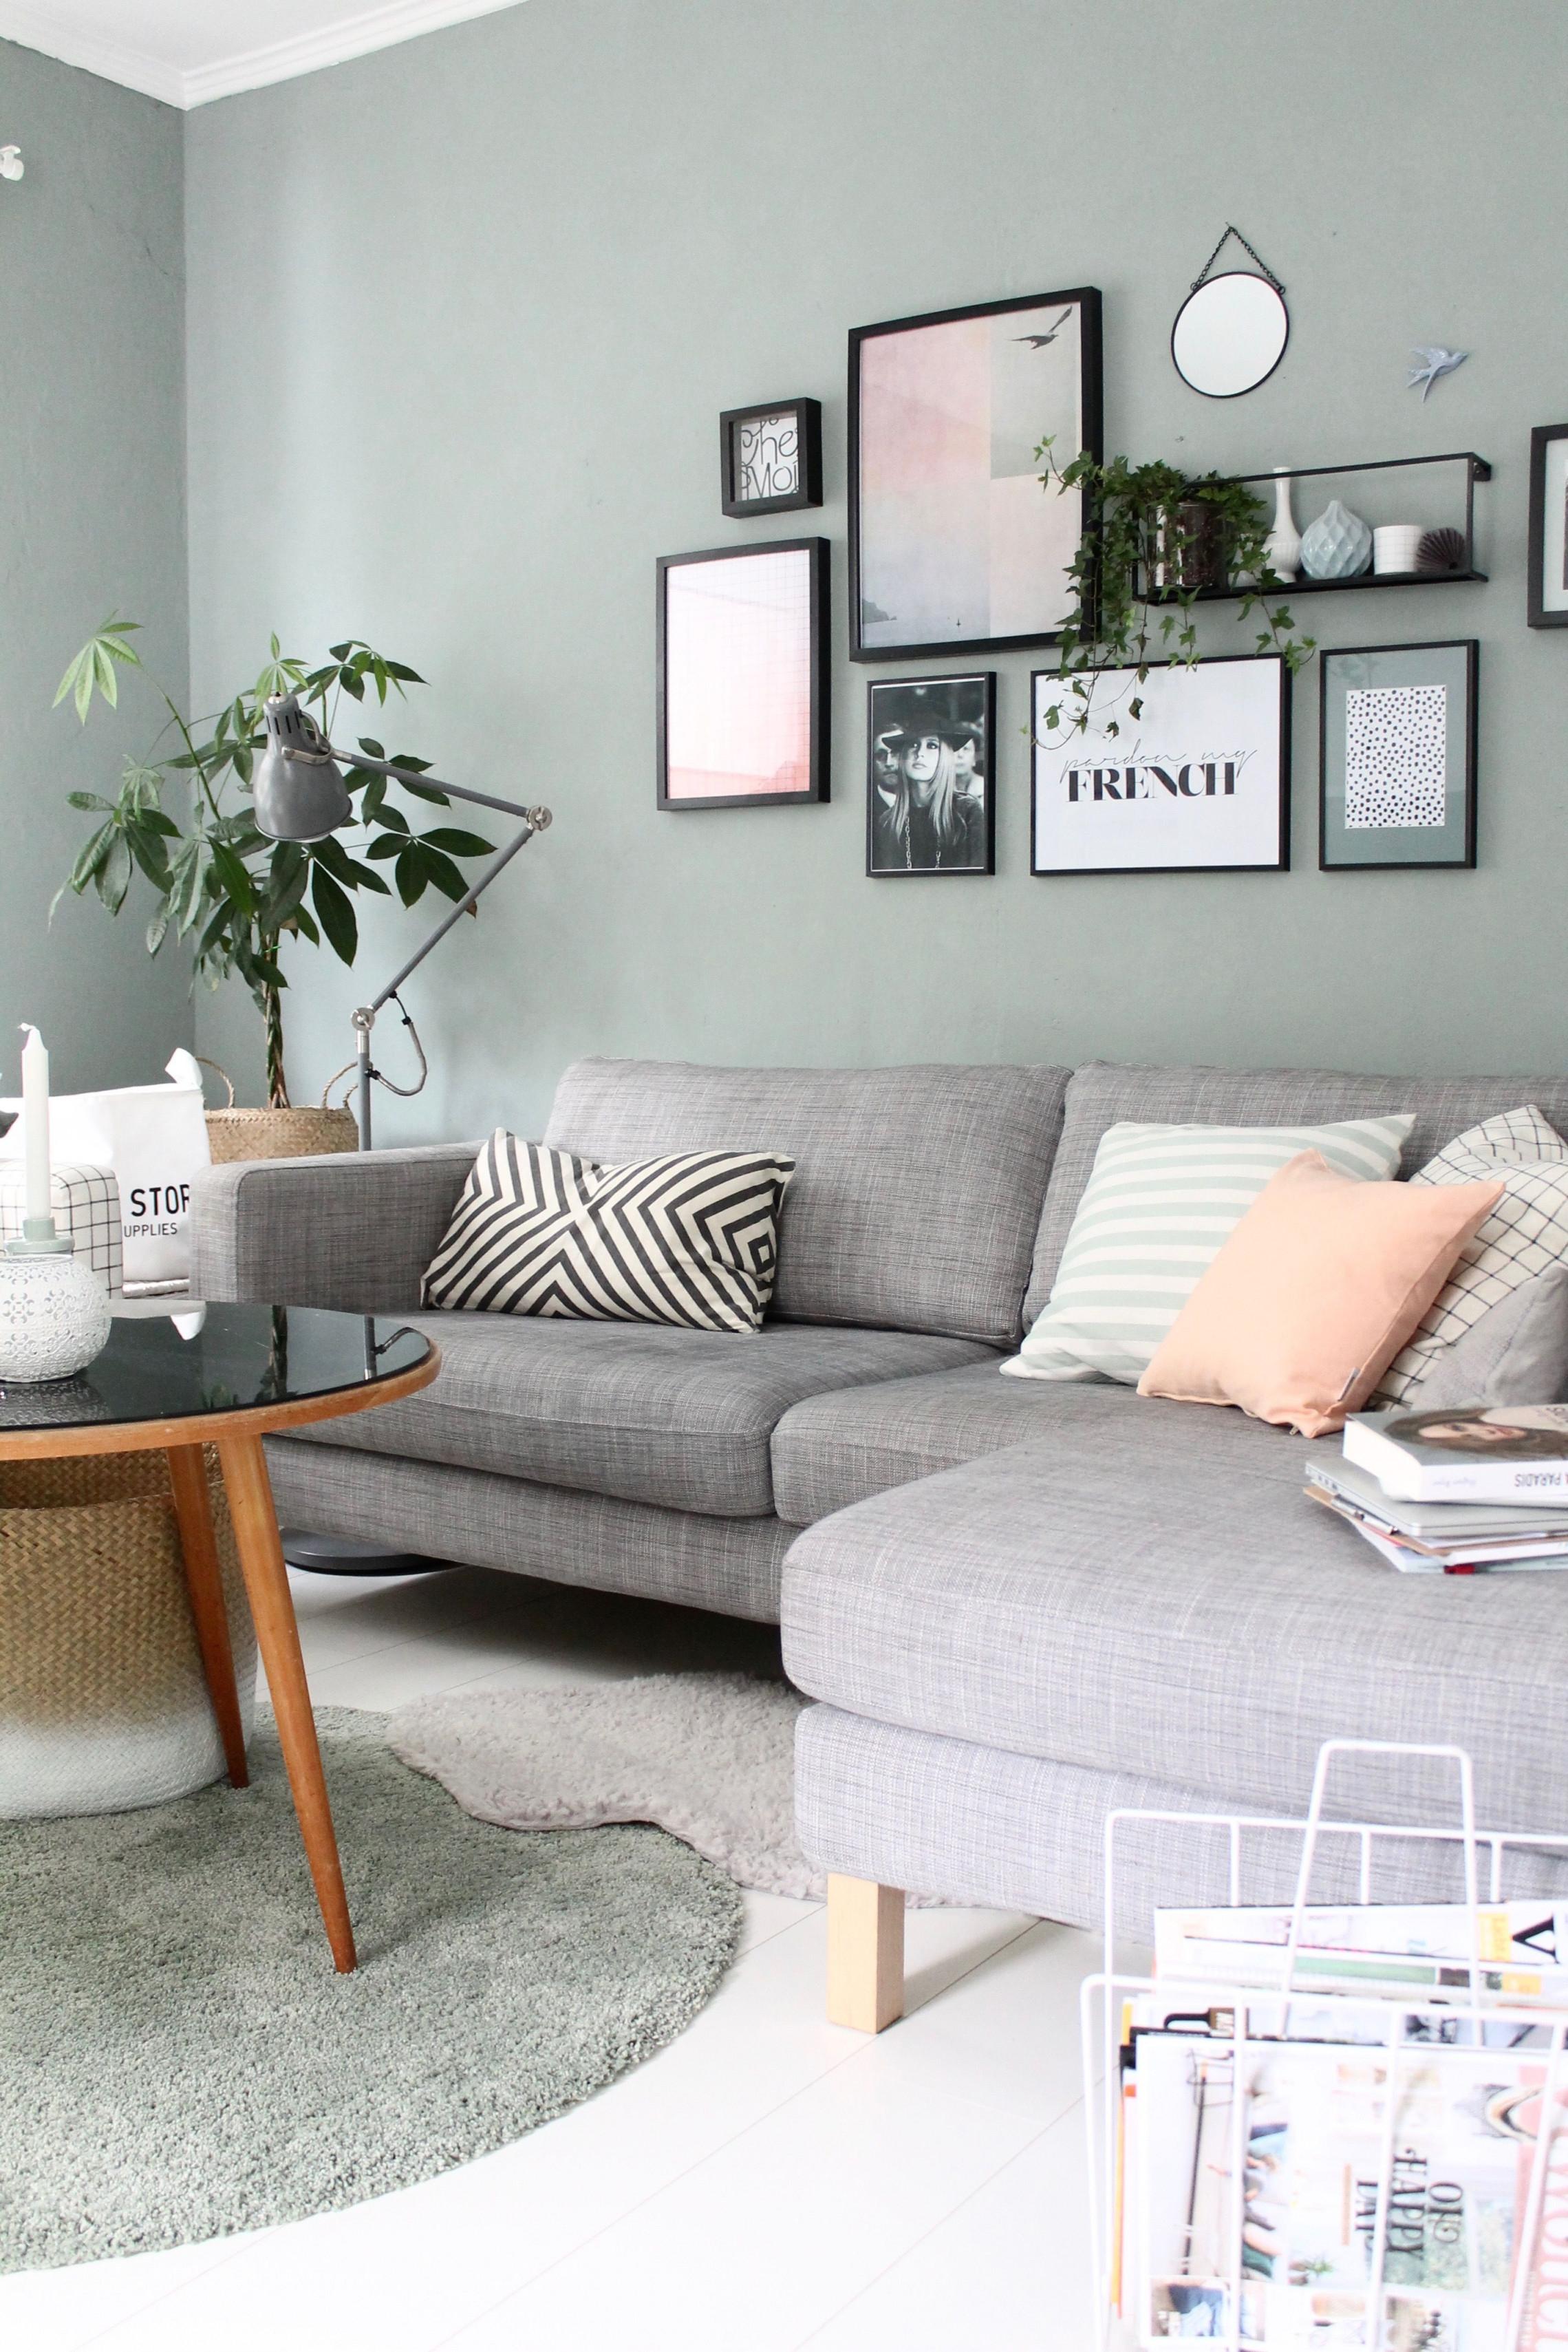 Eine Sanfte Wandfarbe Im Wohnzimmer Wwwkolorat Kolorat von Farben Wohnzimmer Ideen Photo